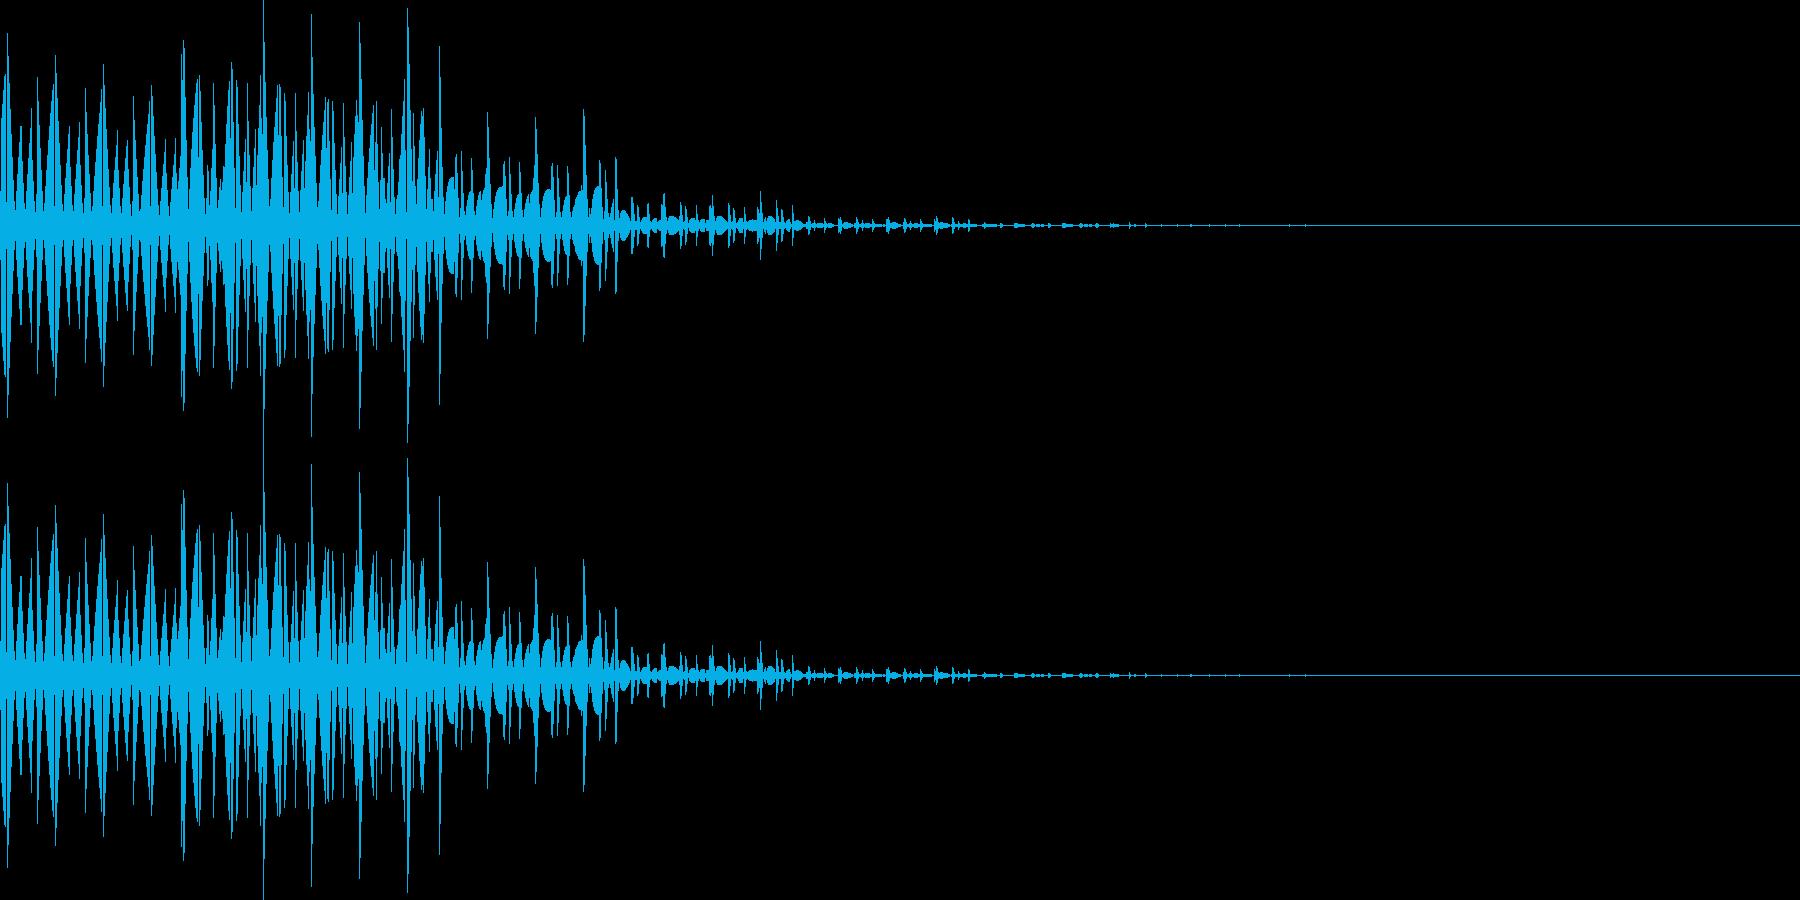 ブブー(間違い、レベルダウン、転移)の再生済みの波形